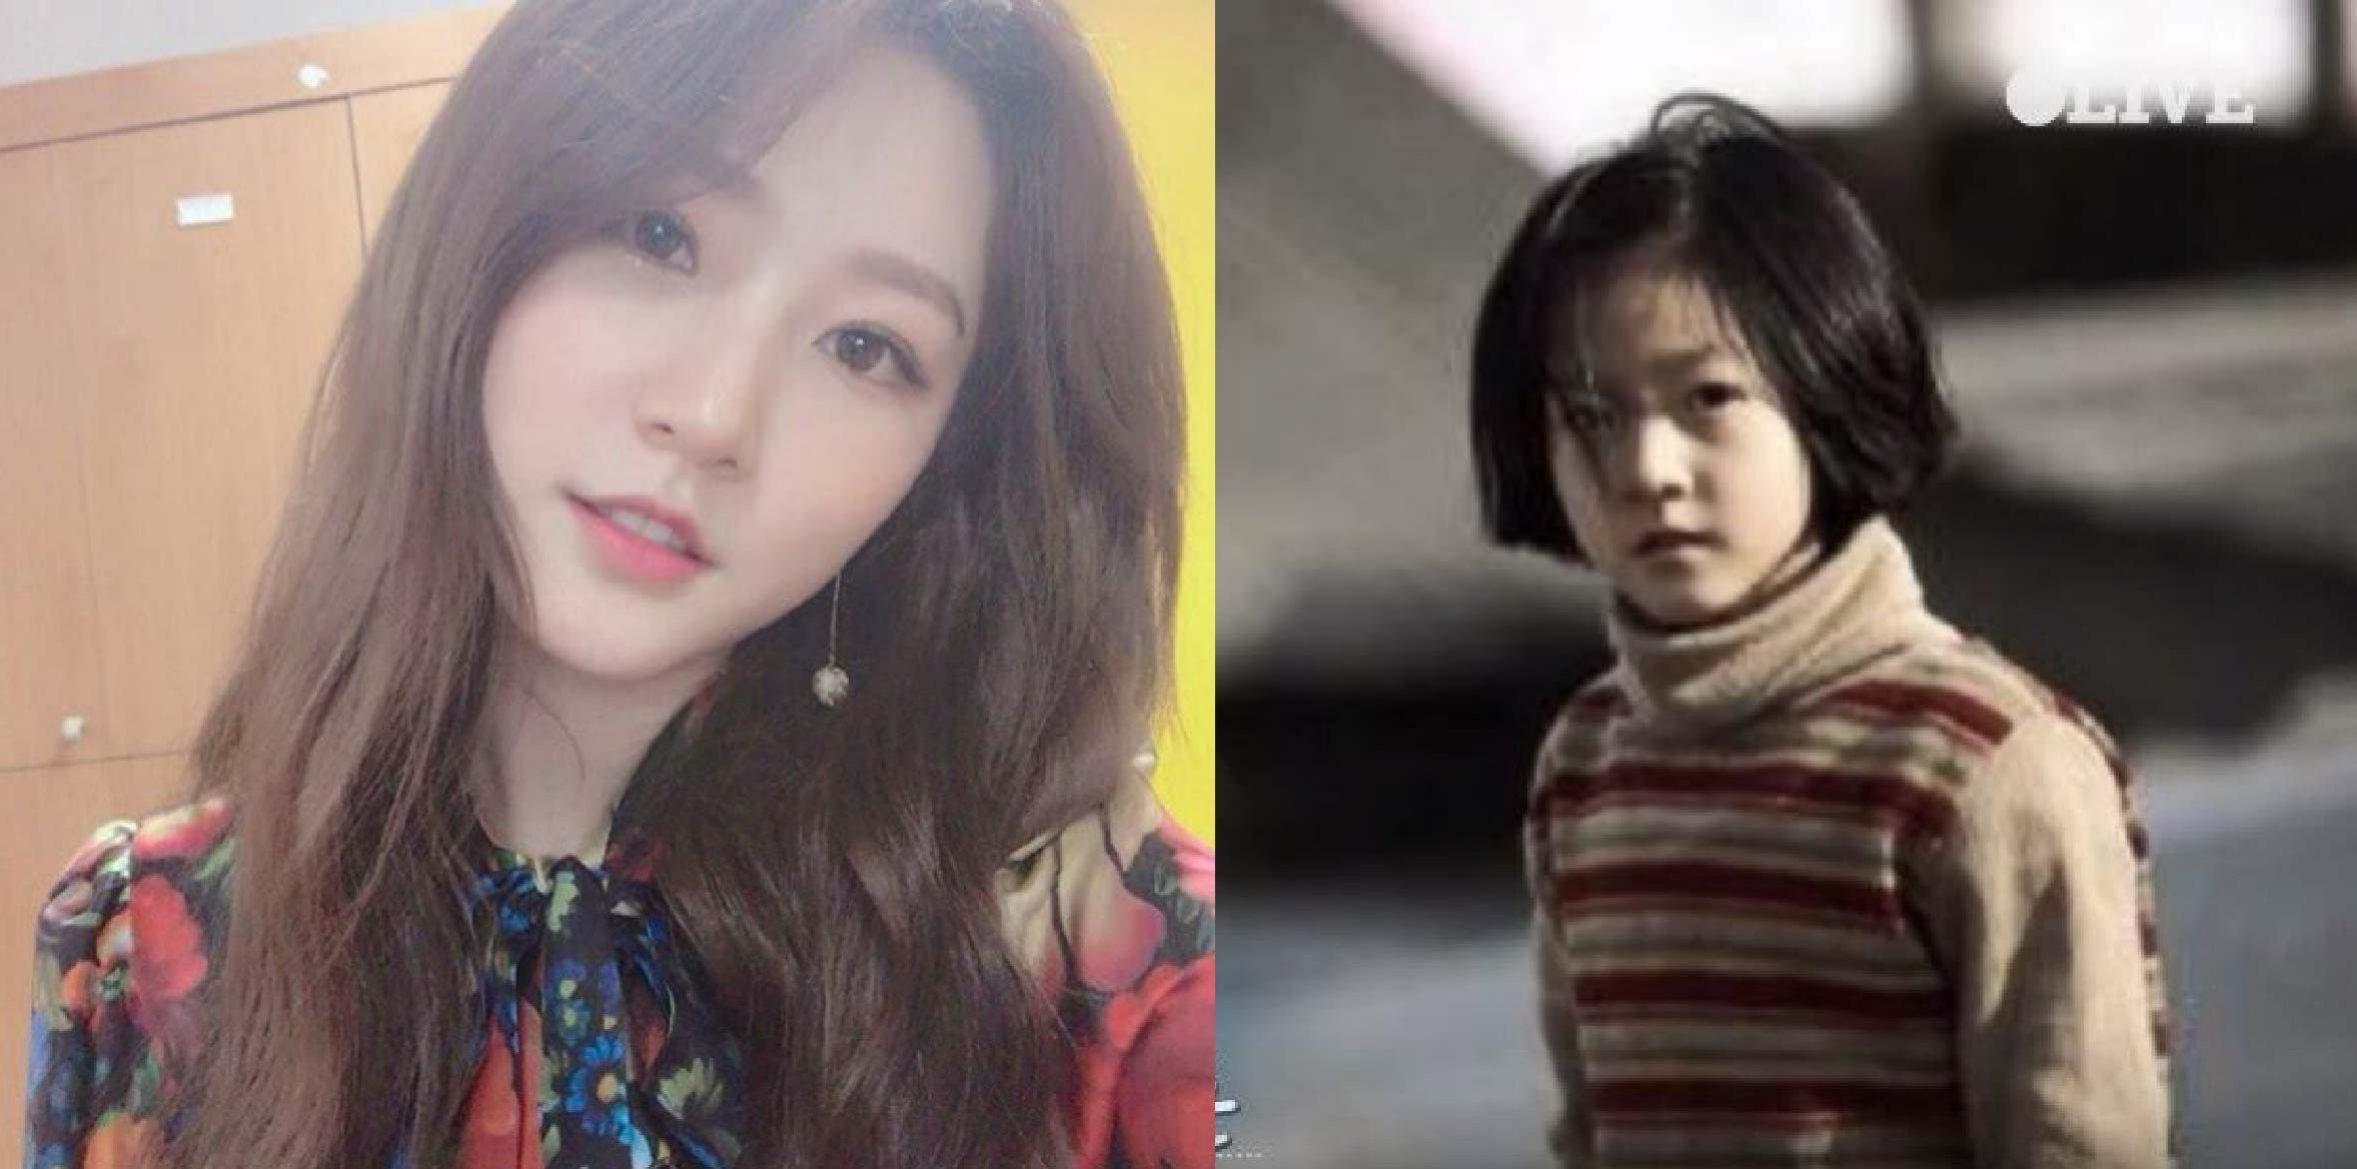 #金賽綸 10歲時出演的電影《大叔》讓金賽綸大受注目!年紀小小卻有如此成熟的演技讓大家對這個小女孩刮目相看。而現在的她已經是個小美女了!